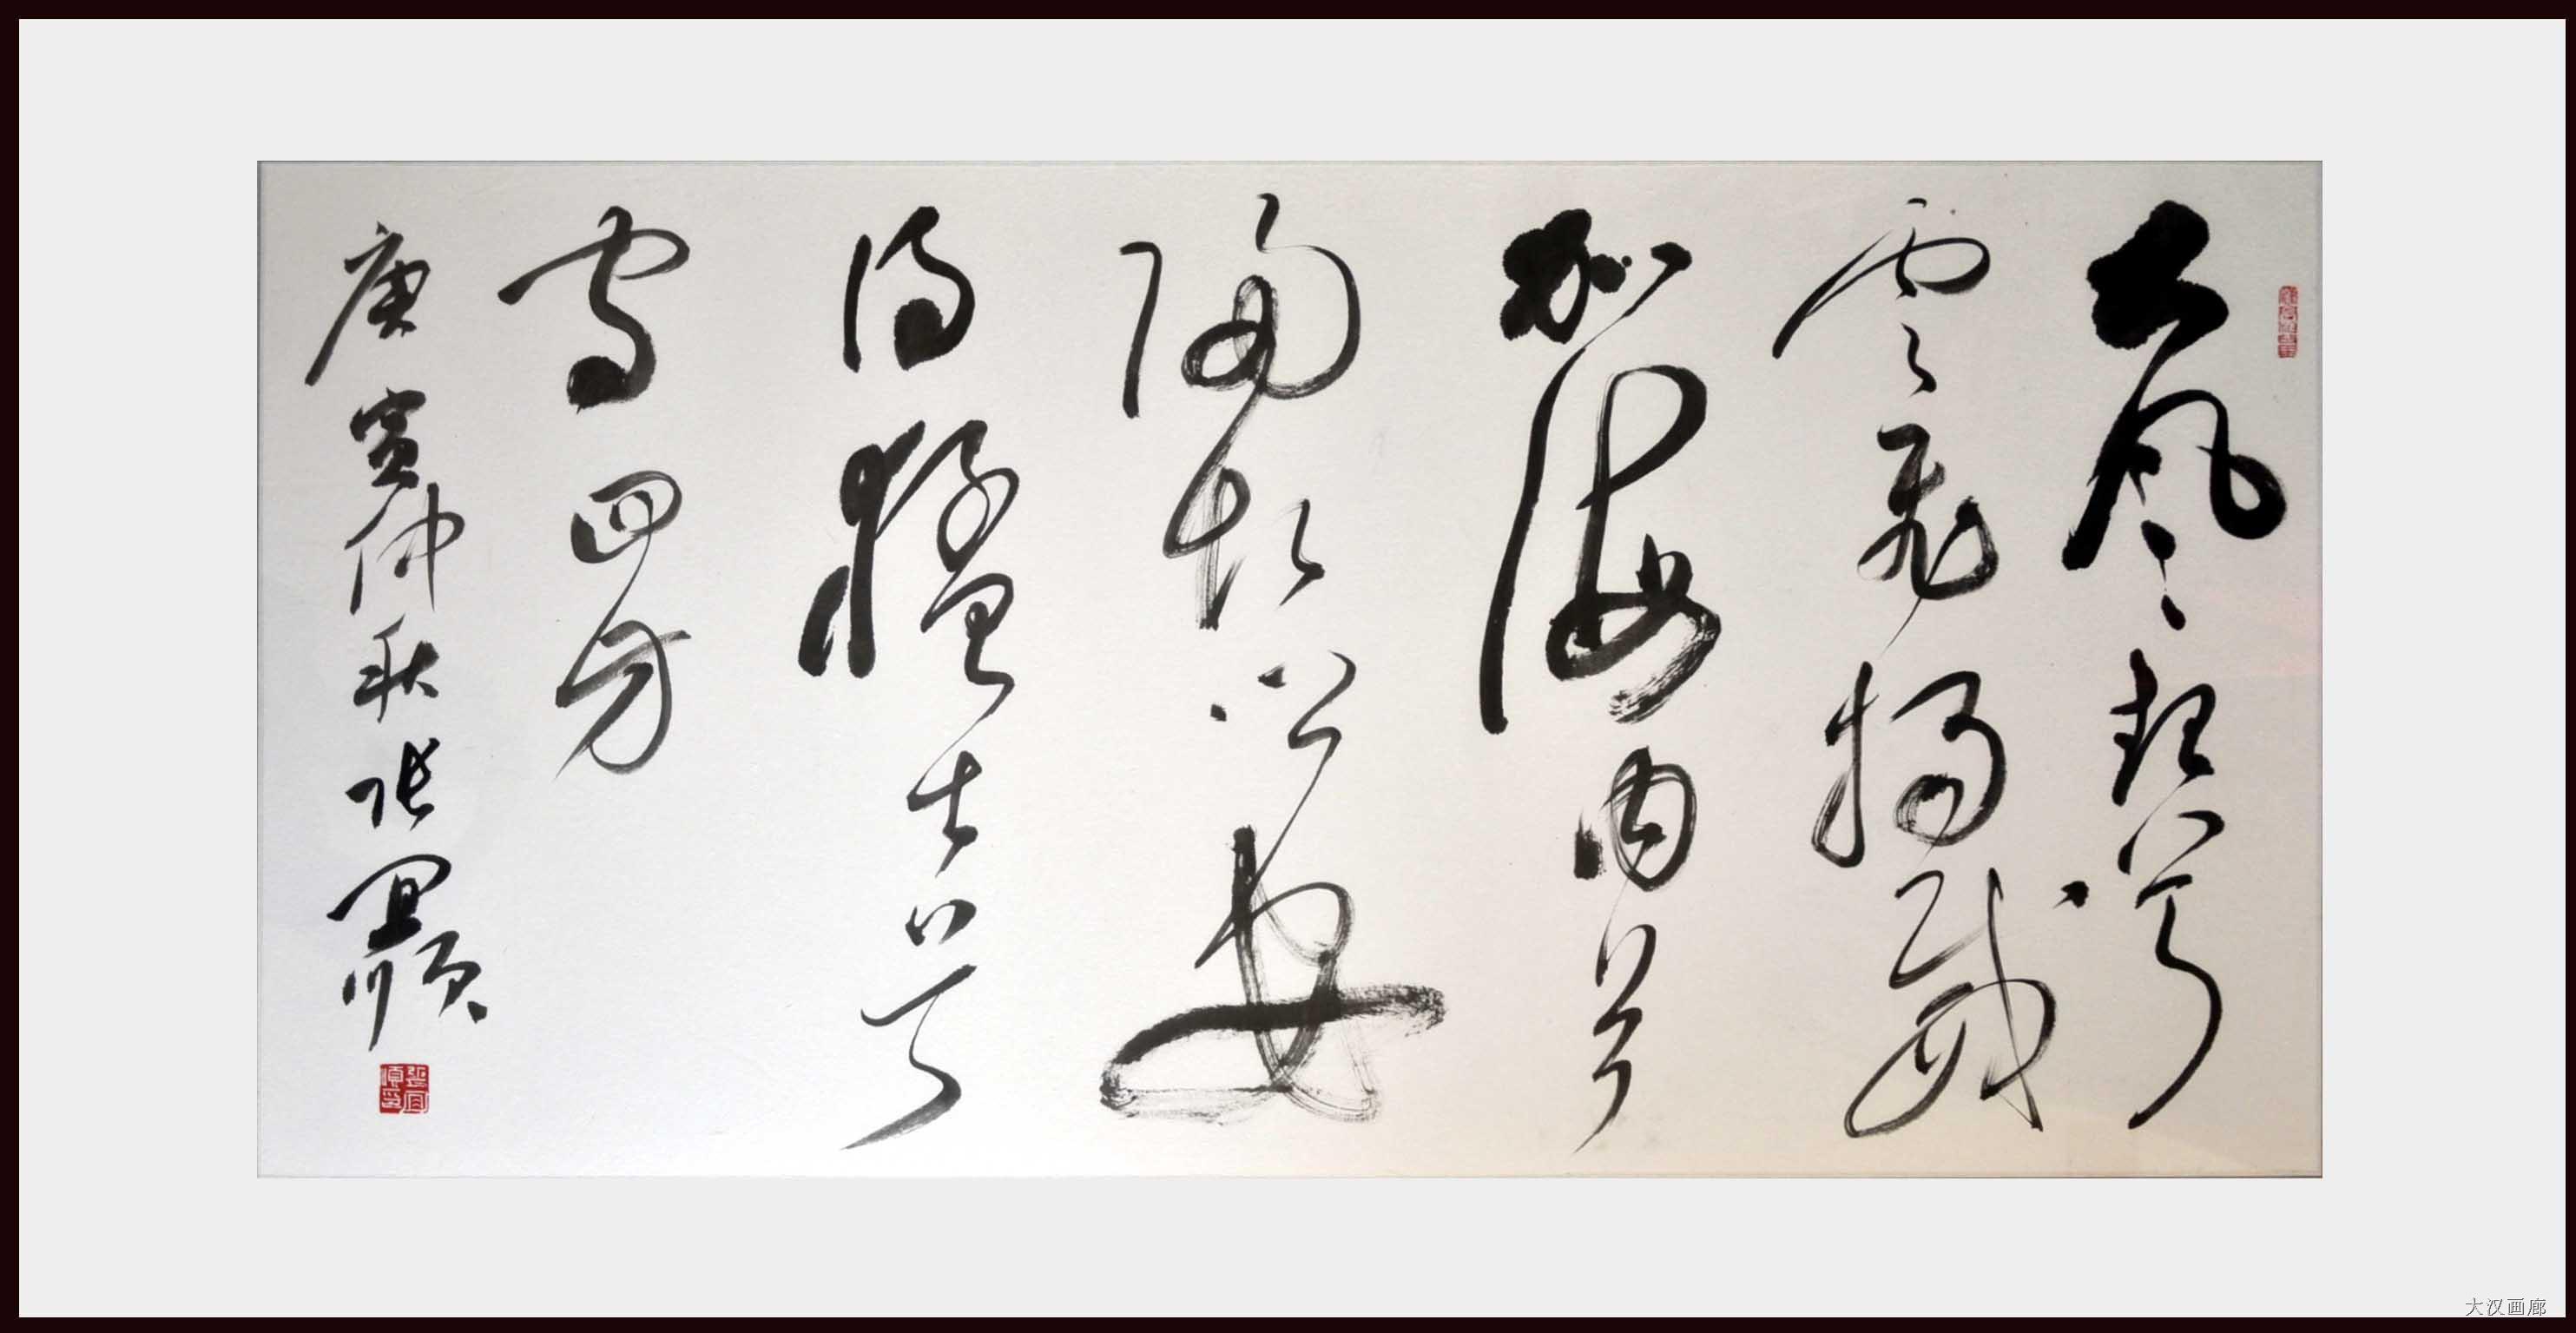 刘邦名言被Mojo收藏到态度语录